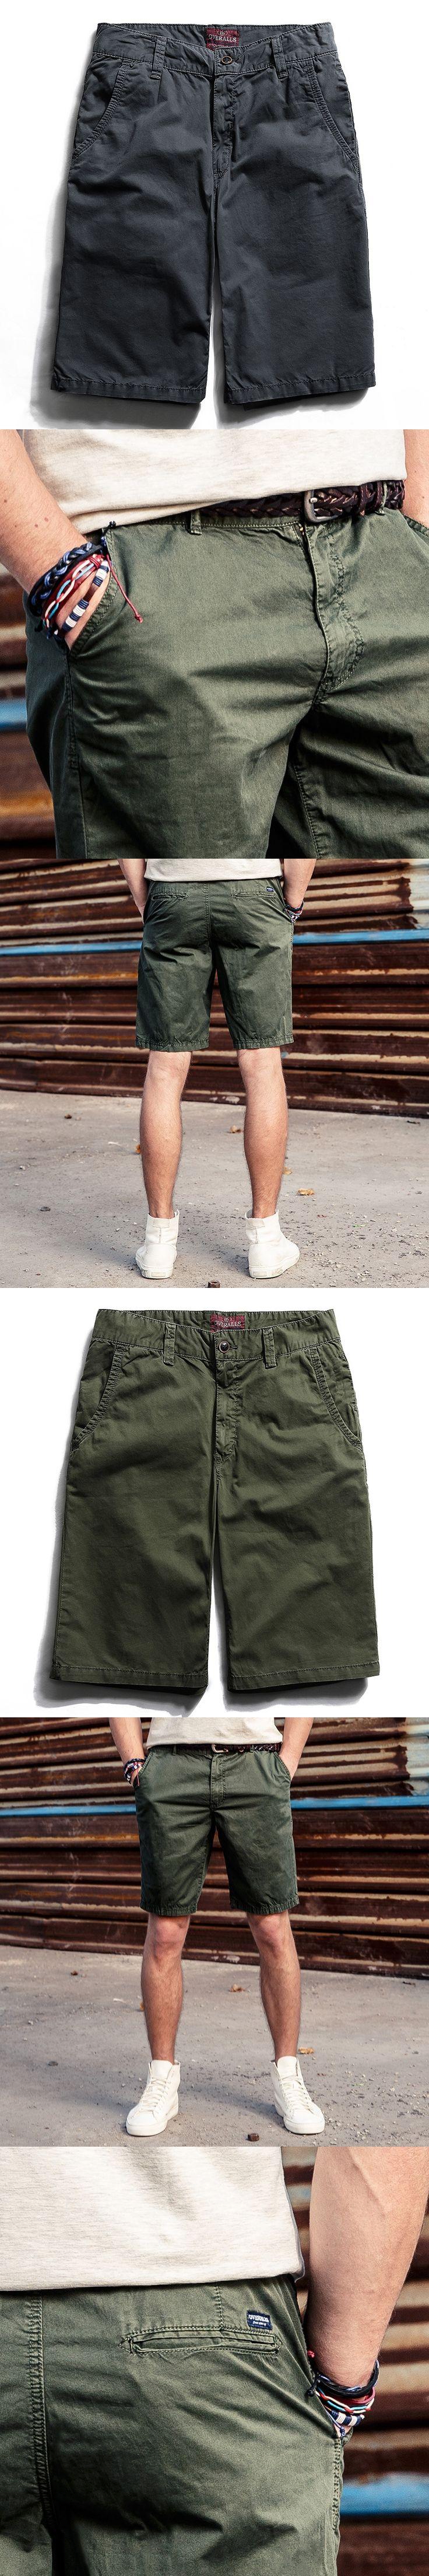 2017 Cotton Men Knickers Men's Cargo Panties Casual Trousers Beach Shorts Pocket Design Summer Male Street Style Short YN10049